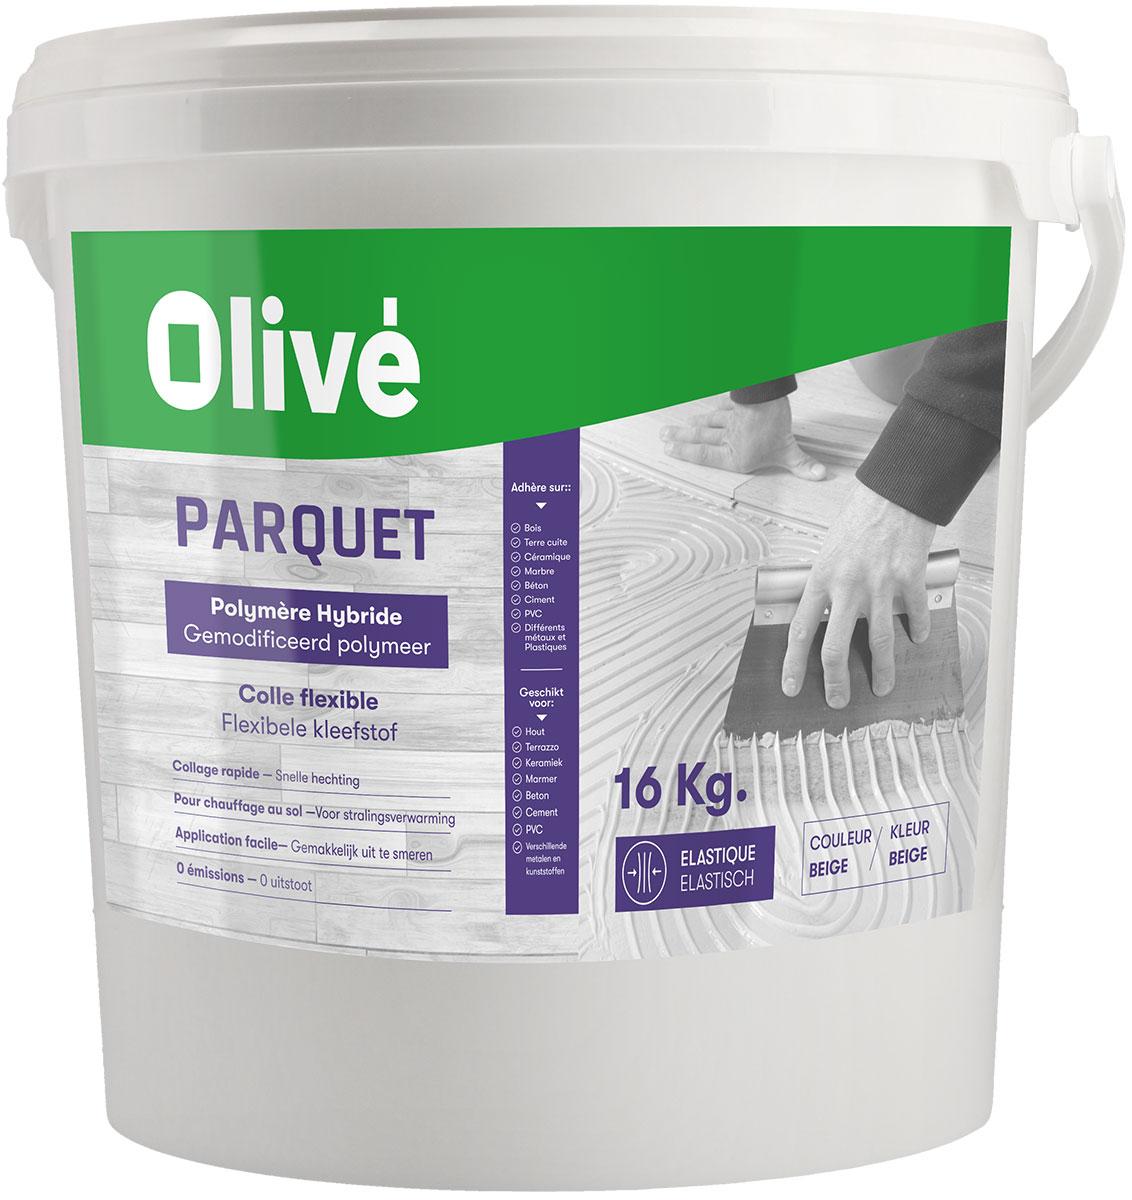 Olivé parquet polymere